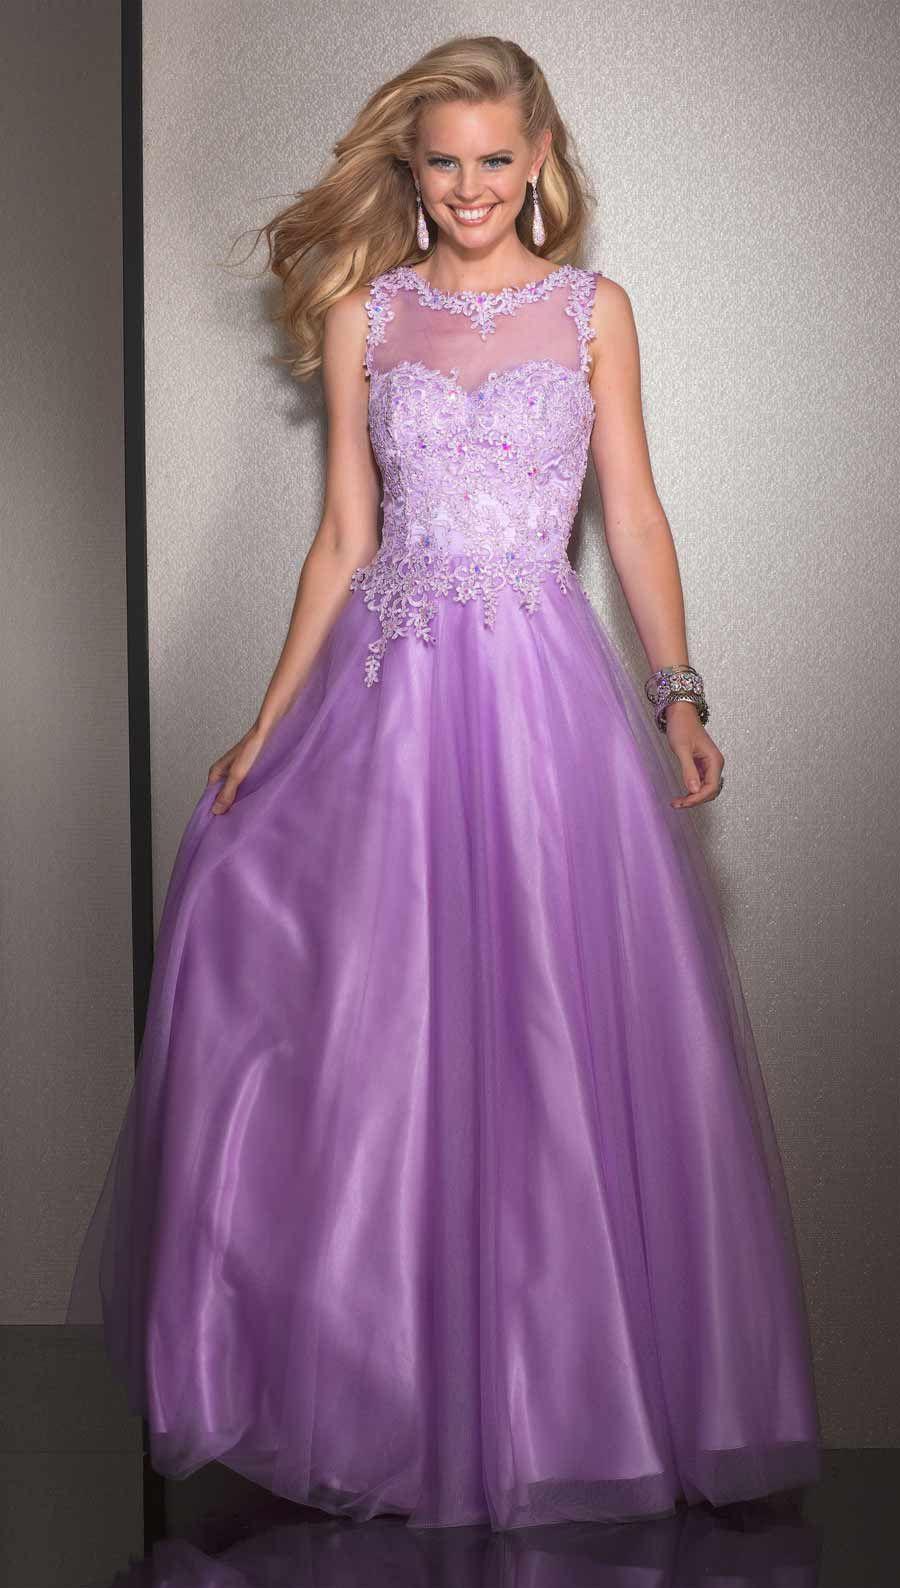 Clarisse Ball Gown 2505 | Pinterest | Tejido, Vestiditos y Fiestas